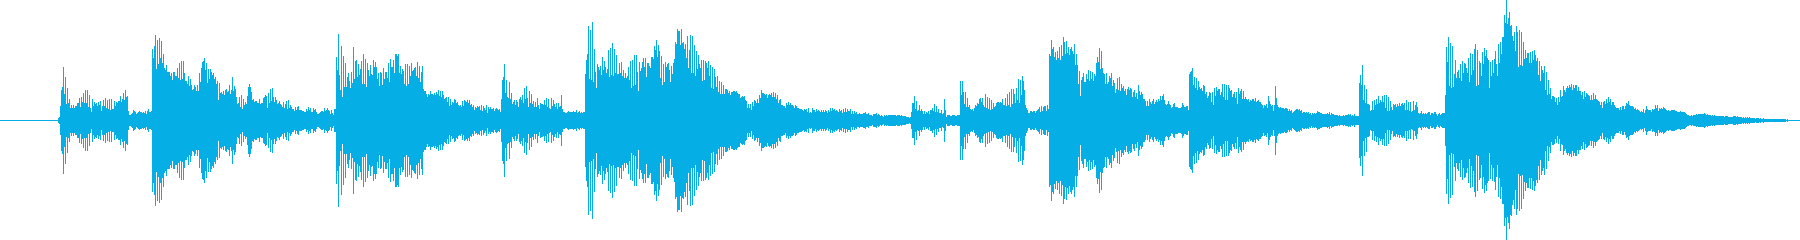 口琴8 野球のイニング交代 コント 煽りの再生済みの波形